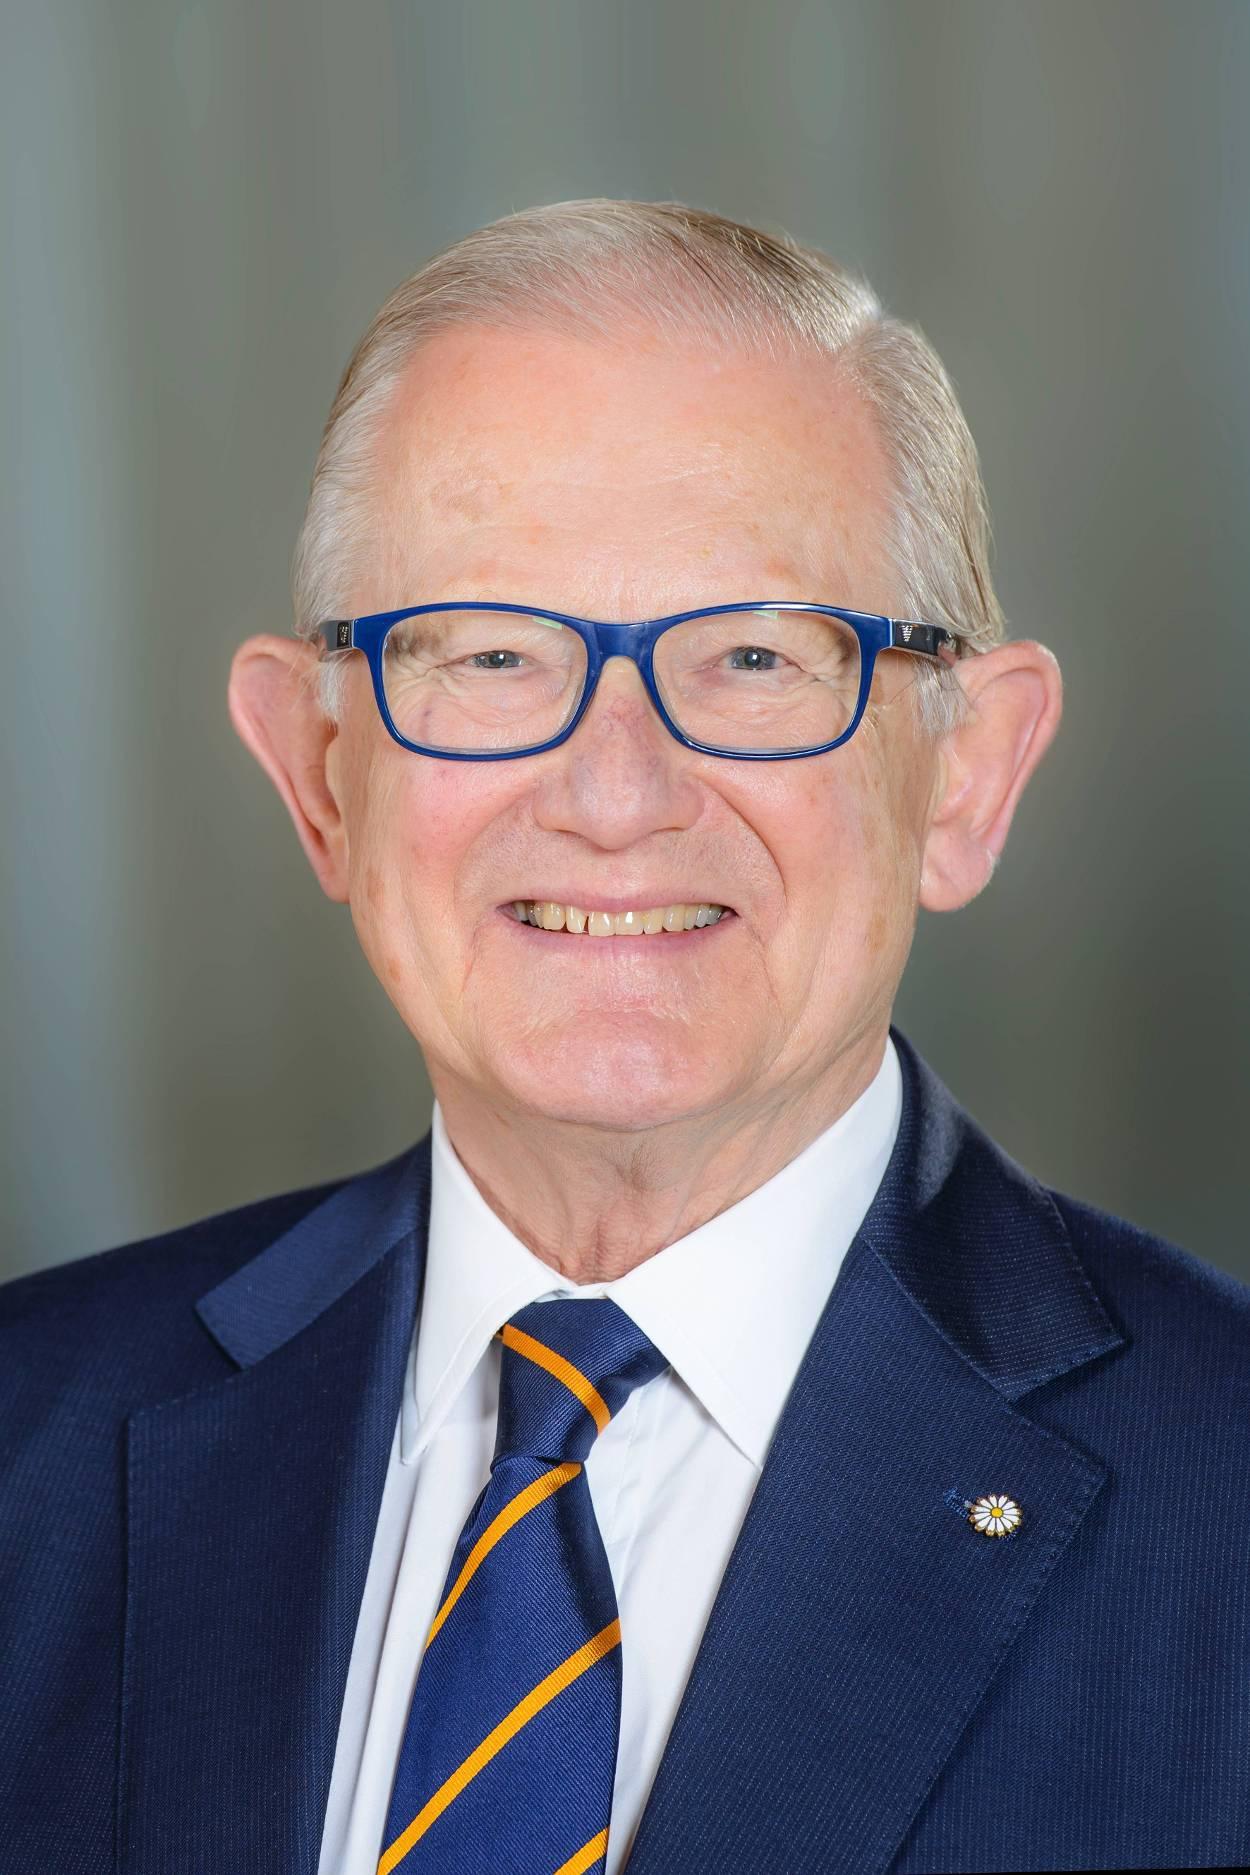 Pieter van Vollenhoven